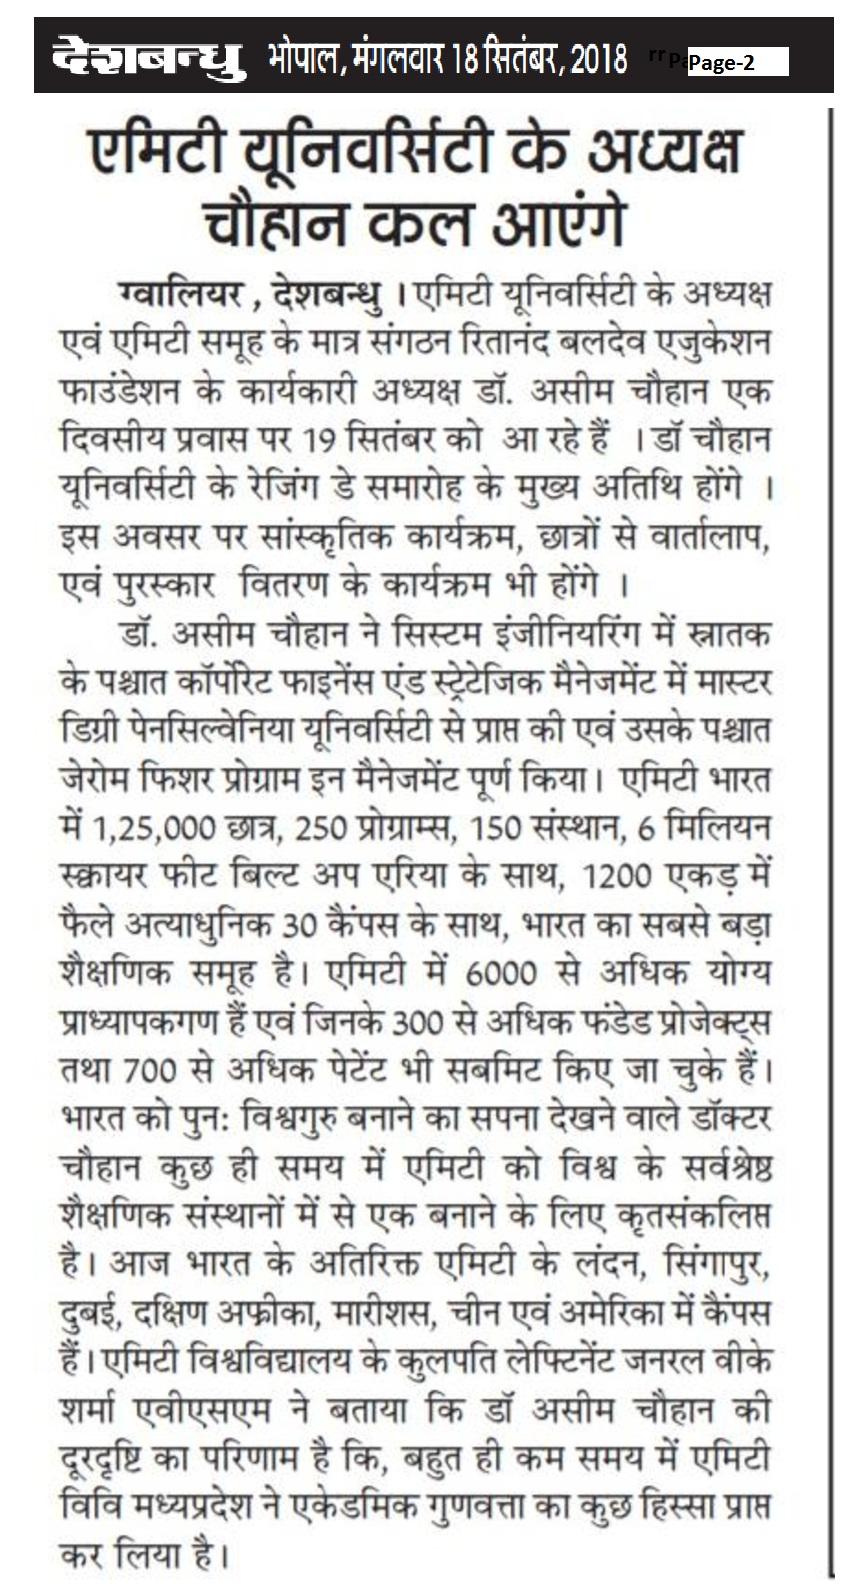 Desh Bandhu Bhopal-Pre Press-AUMP 8th Raising Day-2018-Amity